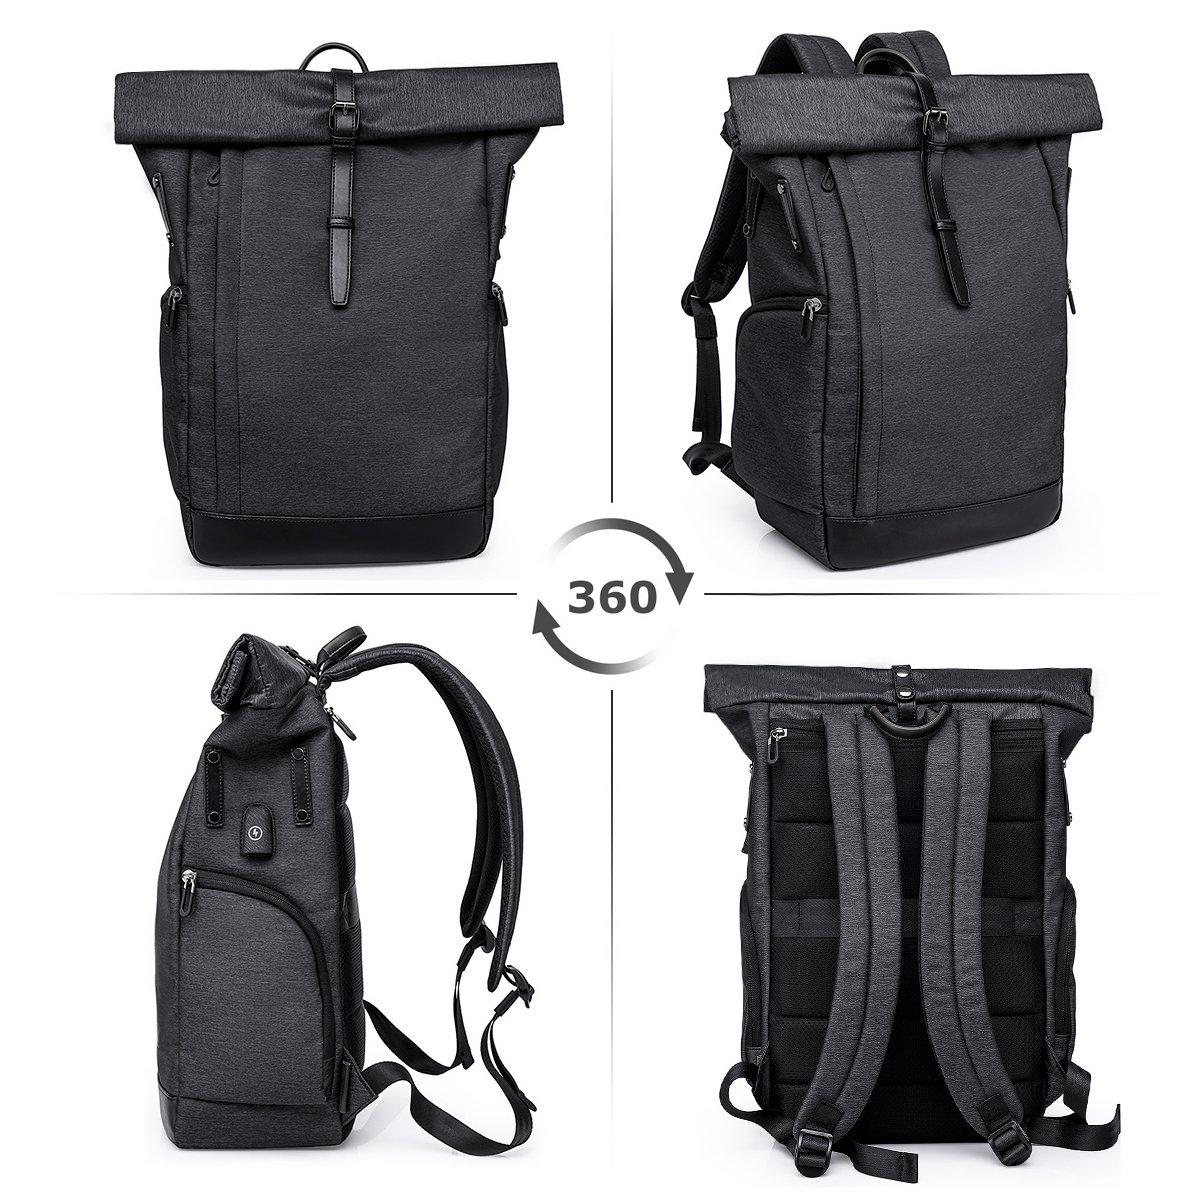 Anti-Theft Tasche Daypack Mode Rucksack Frauen Laptop Rucksack Damen Herren Wasserabweisend Schulrucksack M/ädchen Teenager Schulranzen Jungen Roll Top Rucksack mit USB fur 15.6 Zoll Notebook